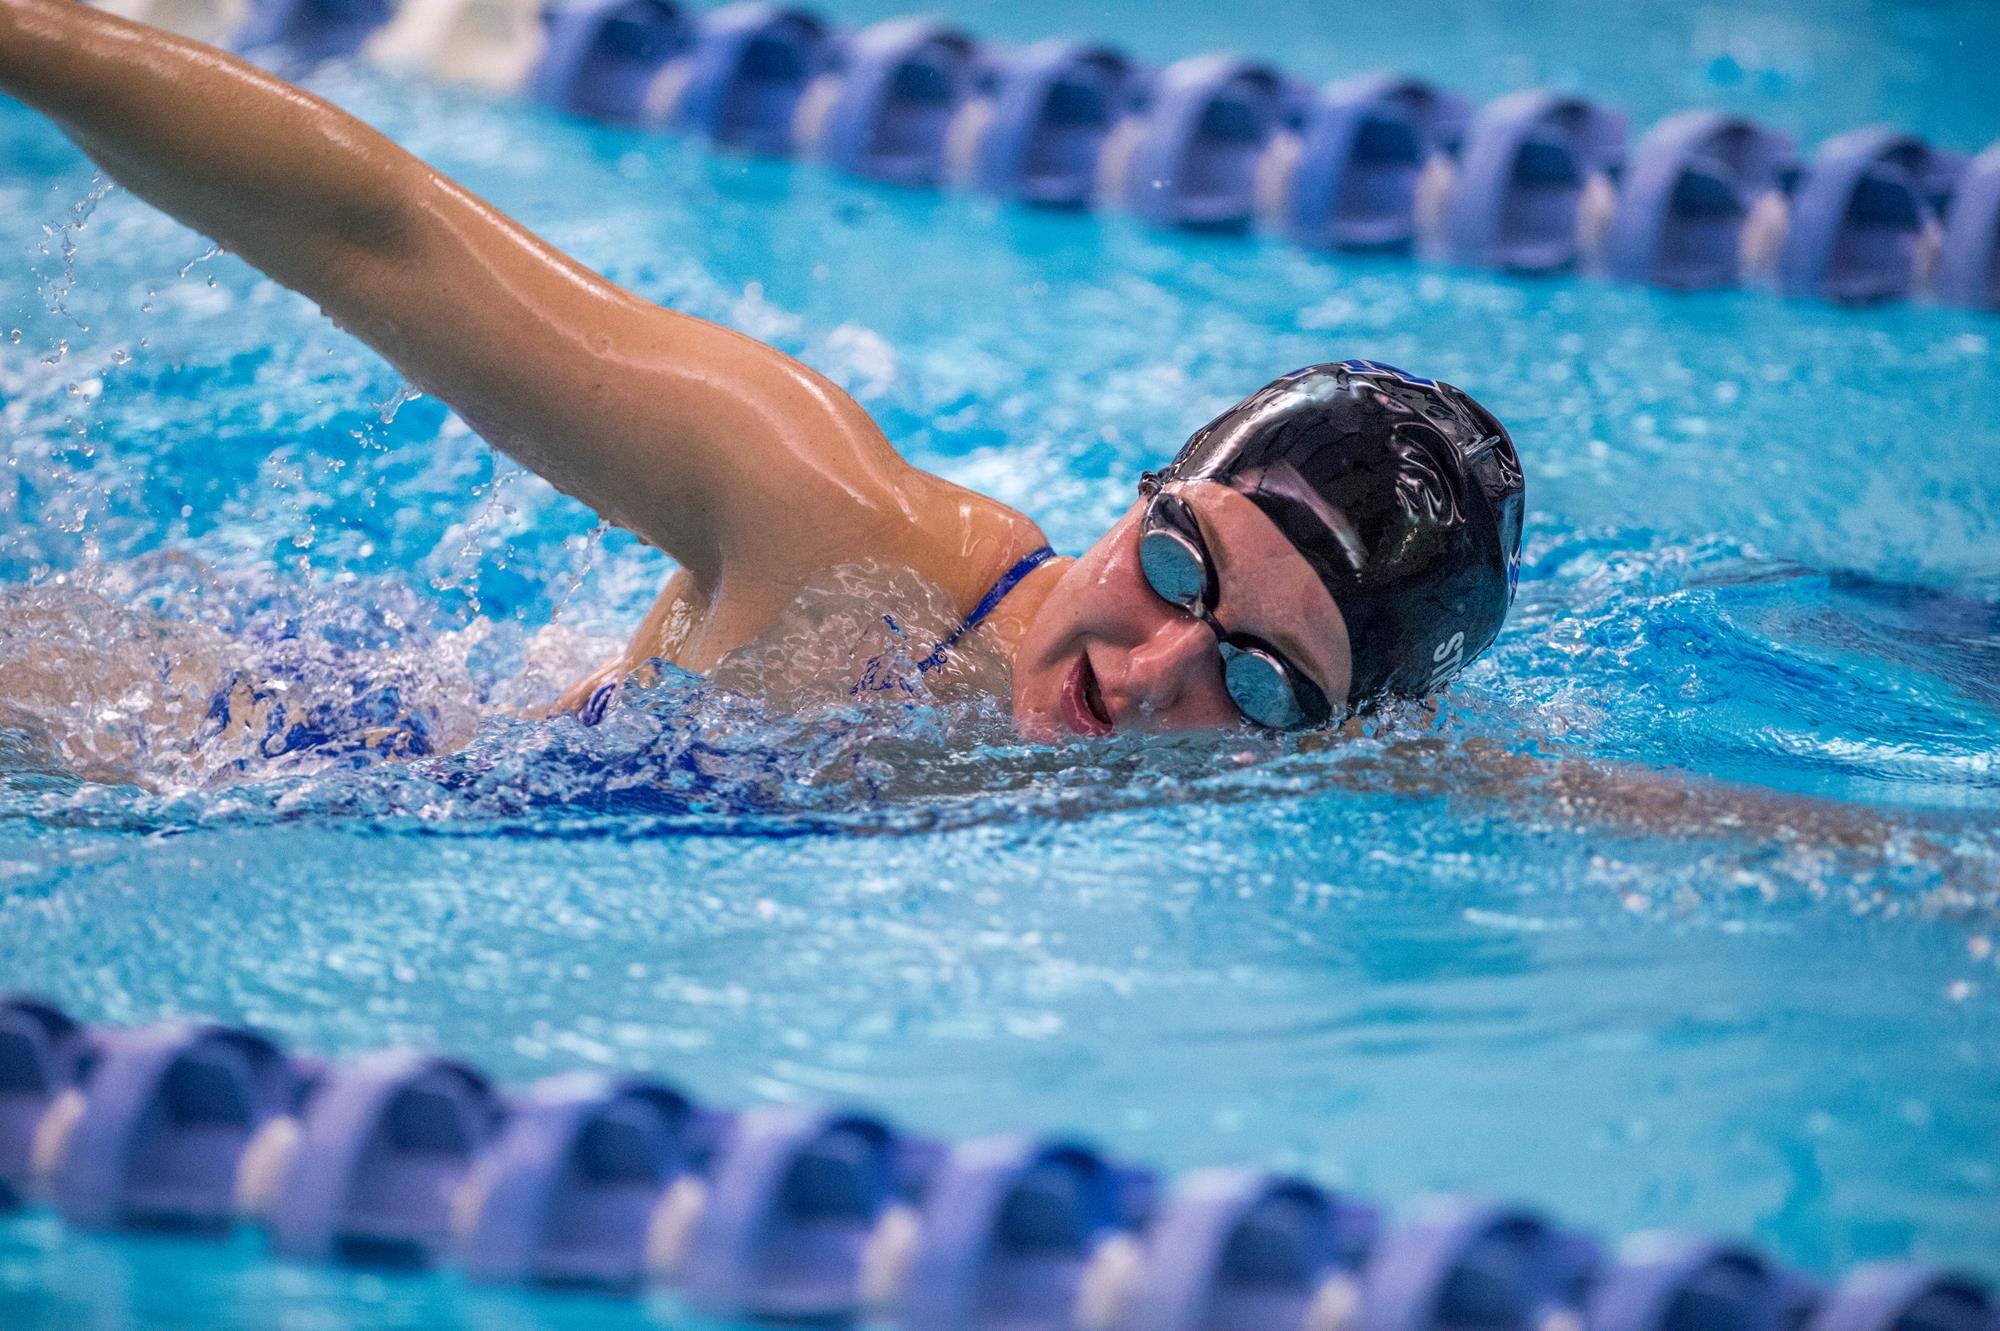 Bơi đều đặn rất tốt cho bệnh huyết áp thấp